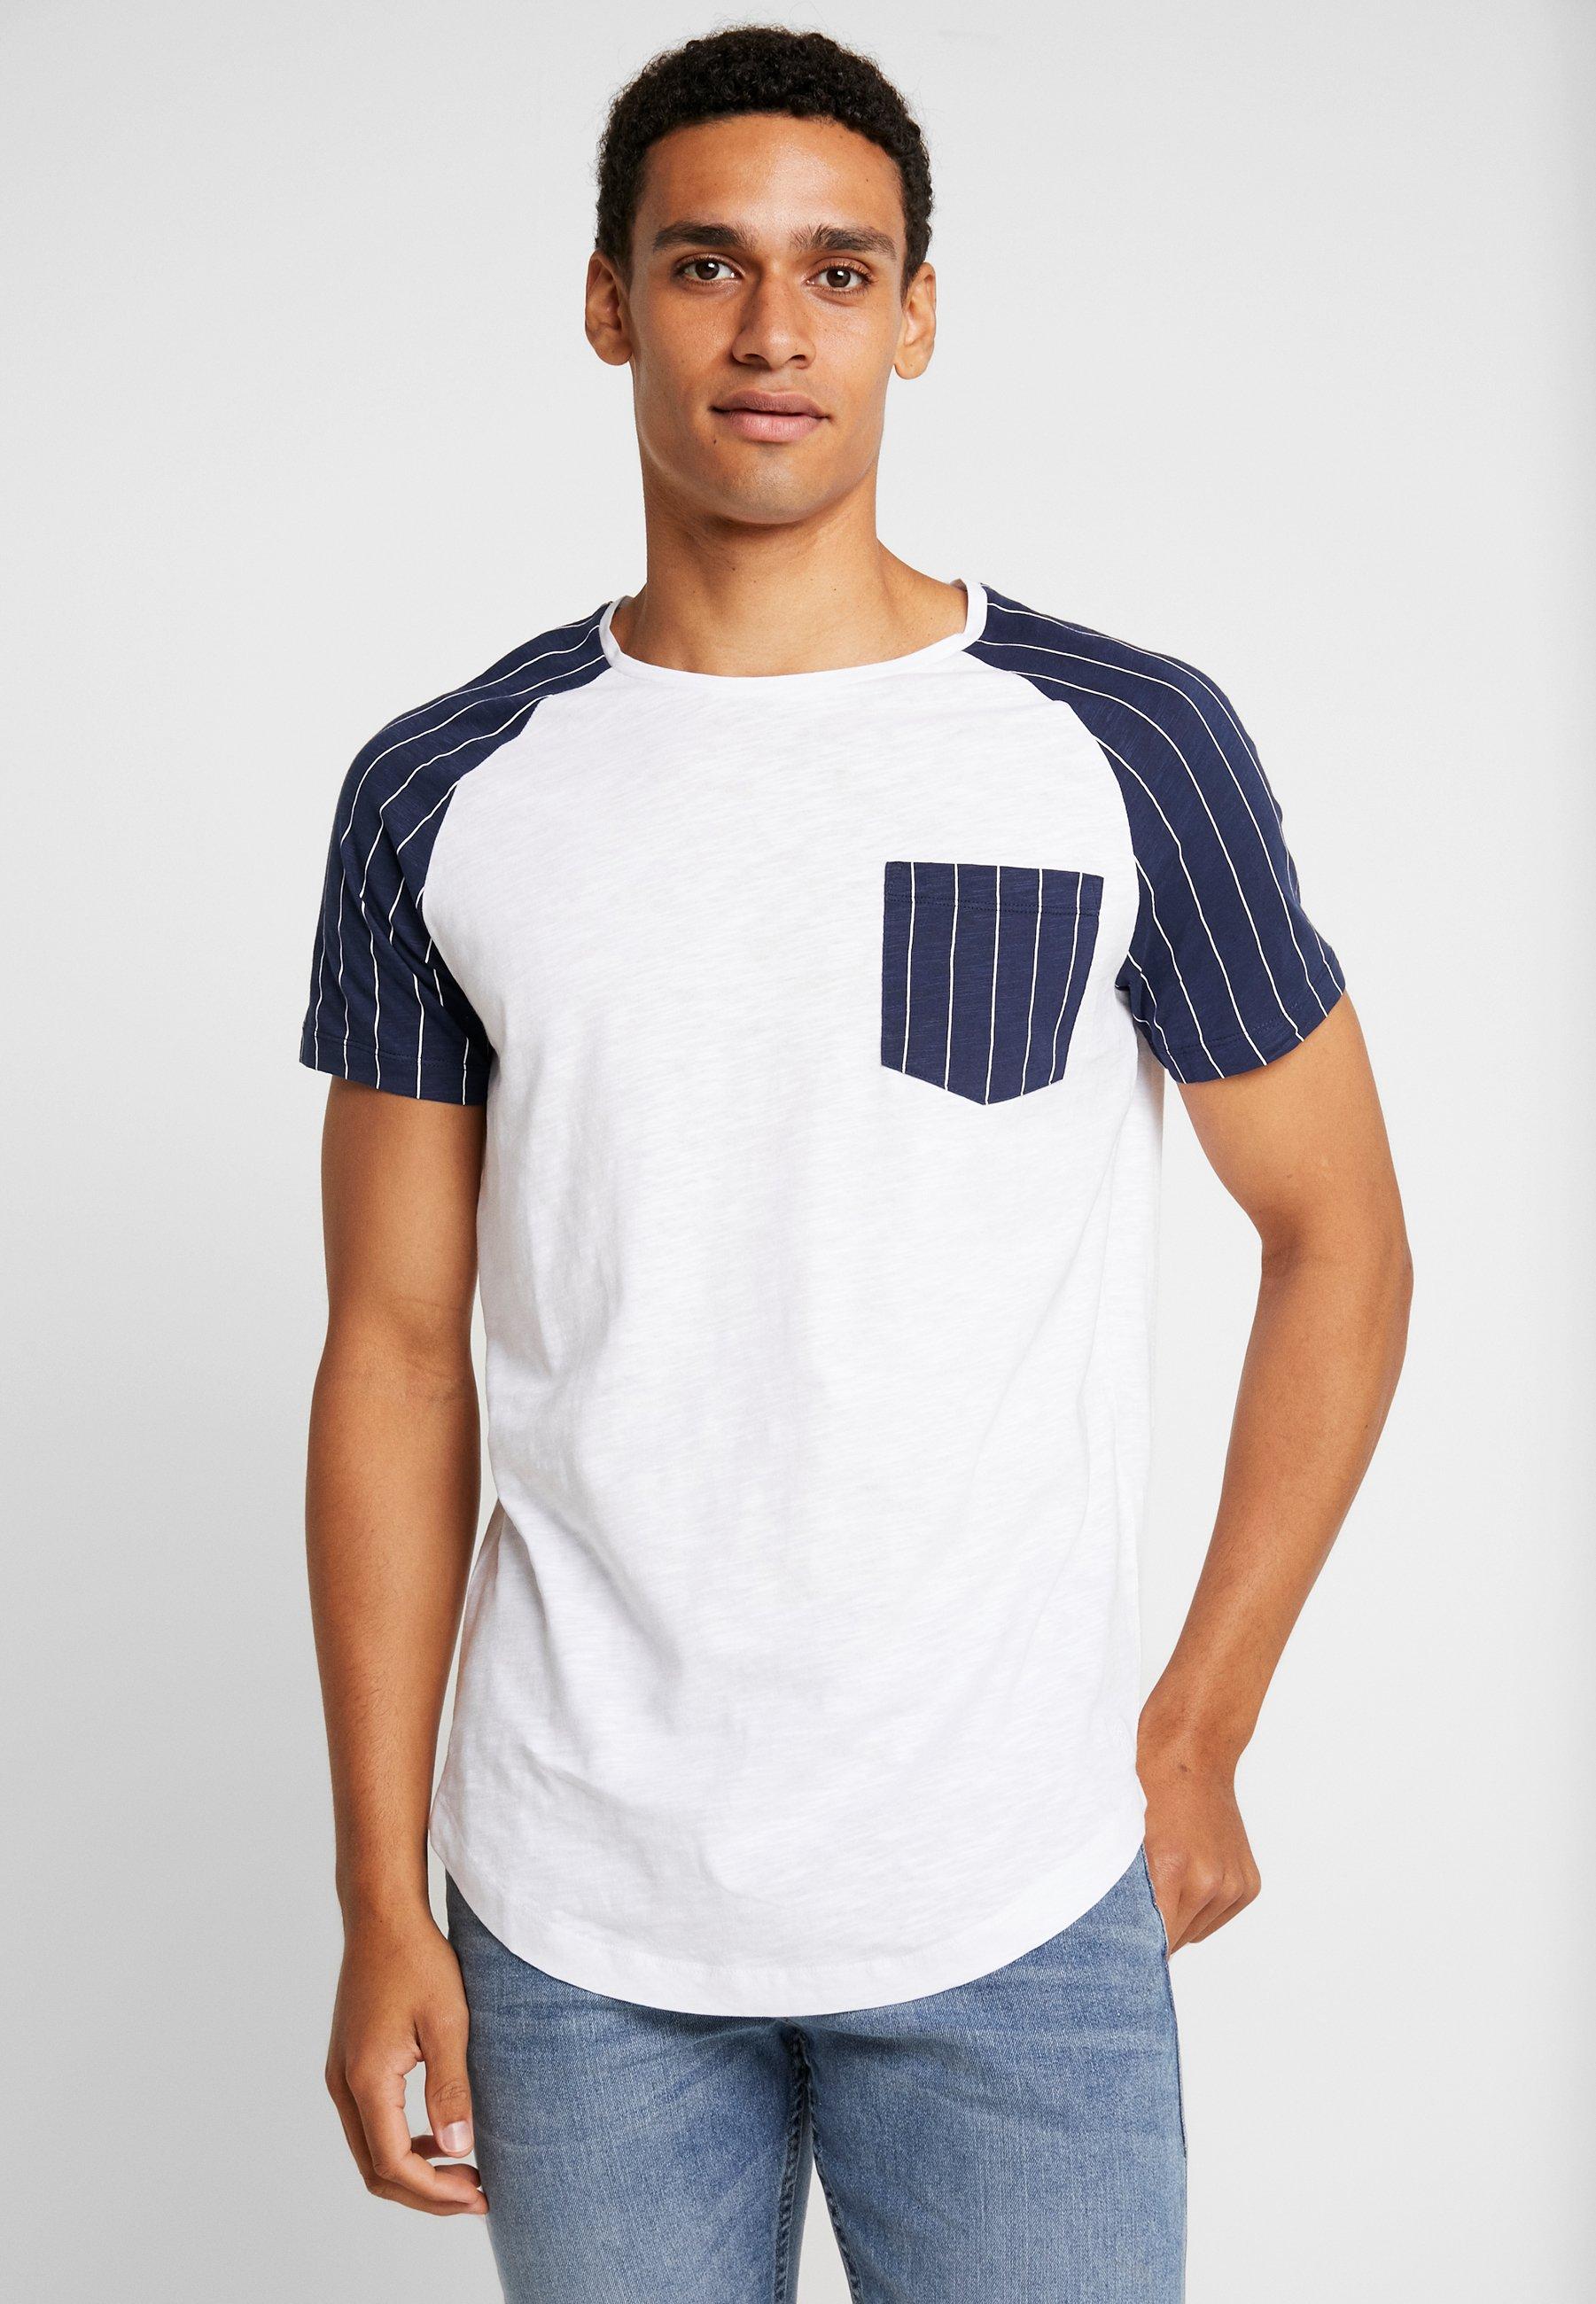 PocketT Tom Denim shirt Tailor Imprimé Raglan White OXiPkuZT